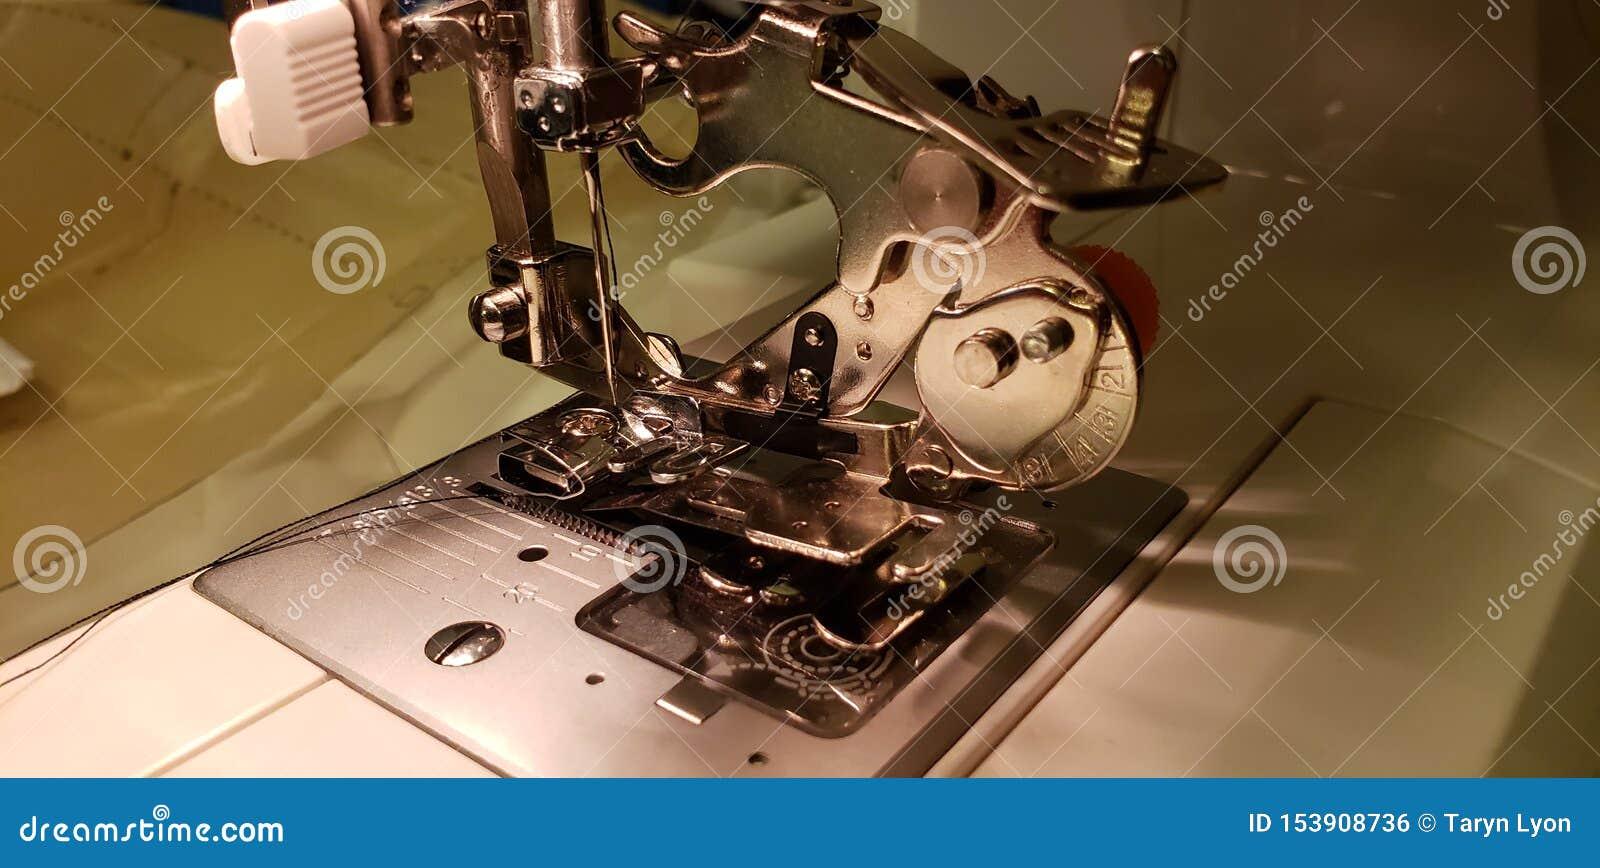 Macchina per cucire che riunisce piede